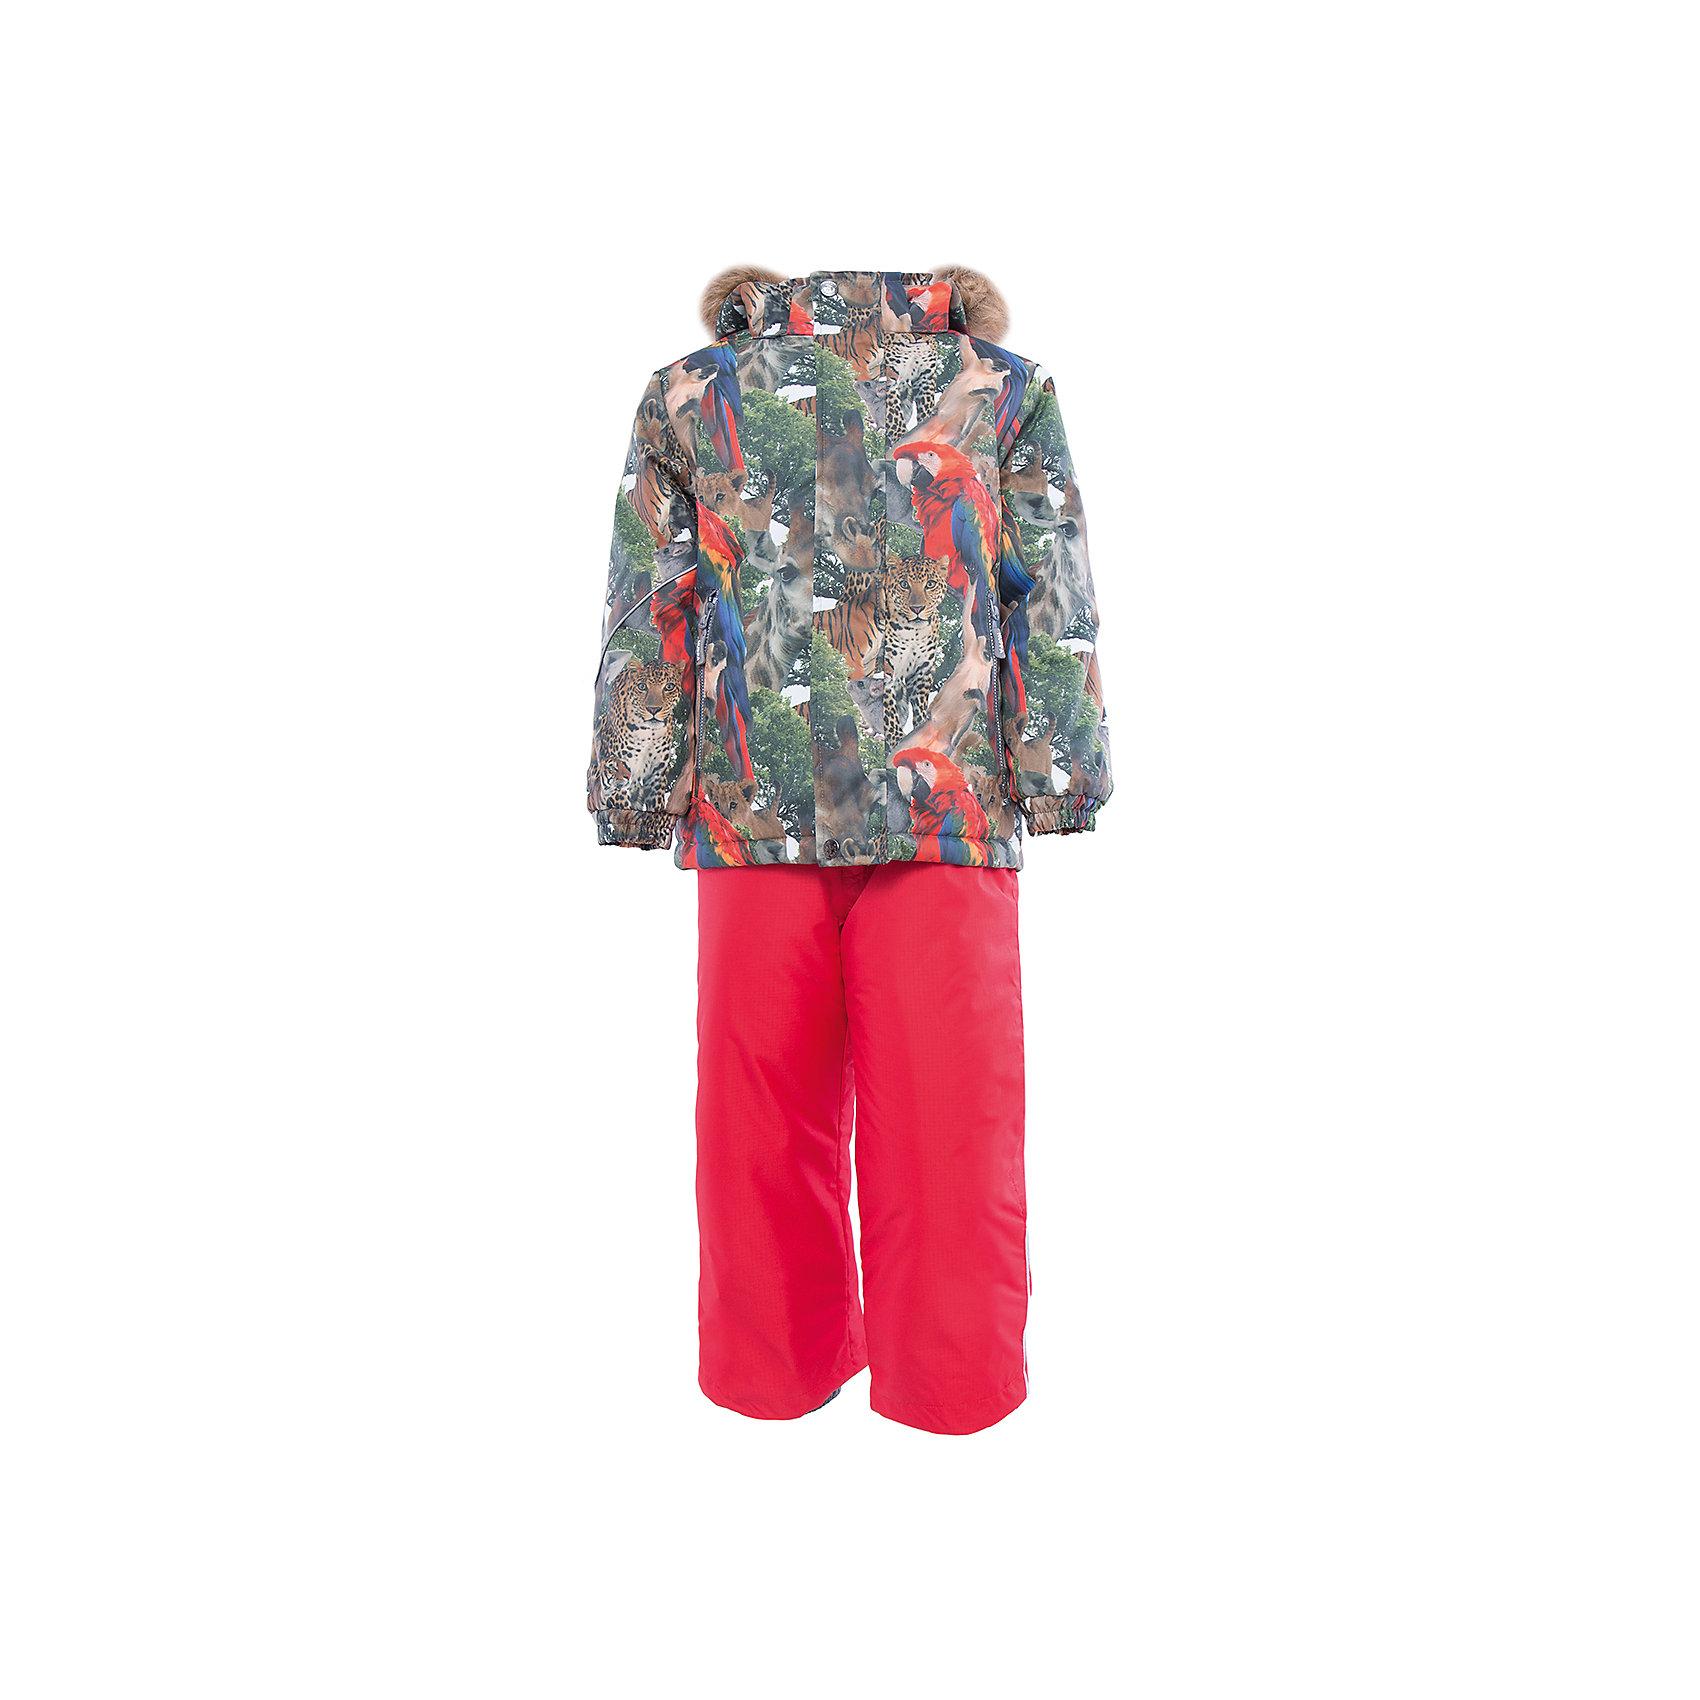 Комплект HuppaКомплект из куртки и полукомбинезона DANTE Huppa(Хуппа).<br><br>Утеплитель: 100% полиэстер. Куртка – 300 гр., полукомбинезон – 160 гр.<br><br>Температурный режим: до -30 градусов. Степень утепления – высокая. <br><br>* Температурный режим указан приблизительно — необходимо, прежде всего, ориентироваться на ощущения ребенка. Температурный режим работает в случае соблюдения правила многослойности – использования флисовой поддевы и термобелья.<br><br>Имеет яркую расцветку и придется по вкусу любому юному моднику. Комплект очень теплый и способен защитить вашего ребенка от мороза, ветра и перегрева даже при самых активных играх. Полукомбинезон с подтяжками и резинкой на поясе. Куртка имеет капюшон с искусственным мехом и резинки на манжетах<br><br>Особенности:<br>-дышащий и водонепроницаемый<br>-водостойкая лента на швах<br>-прочные материалы<br>-светоотражающие элементы<br>-съемный капюшон с отстегивающимся мехом<br>-плечевые швы, шаговый шов, боковые швы проклеены<br><br>Дополнительная информация:<br>Материал: 100% полиэстер<br>Подкладка: тафта, флис, pritex - 100% полиэстер<br>Цвет: красный<br>Вы можете приобрести комплект DANTE Huppa(Хуппа) в нашем интернет-магазине.<br><br>Ширина мм: 356<br>Глубина мм: 10<br>Высота мм: 245<br>Вес г: 519<br>Цвет: красный<br>Возраст от месяцев: 120<br>Возраст до месяцев: 132<br>Пол: Унисекс<br>Возраст: Детский<br>Размер: 146,104,140,134,128,122,116,110<br>SKU: 4928834